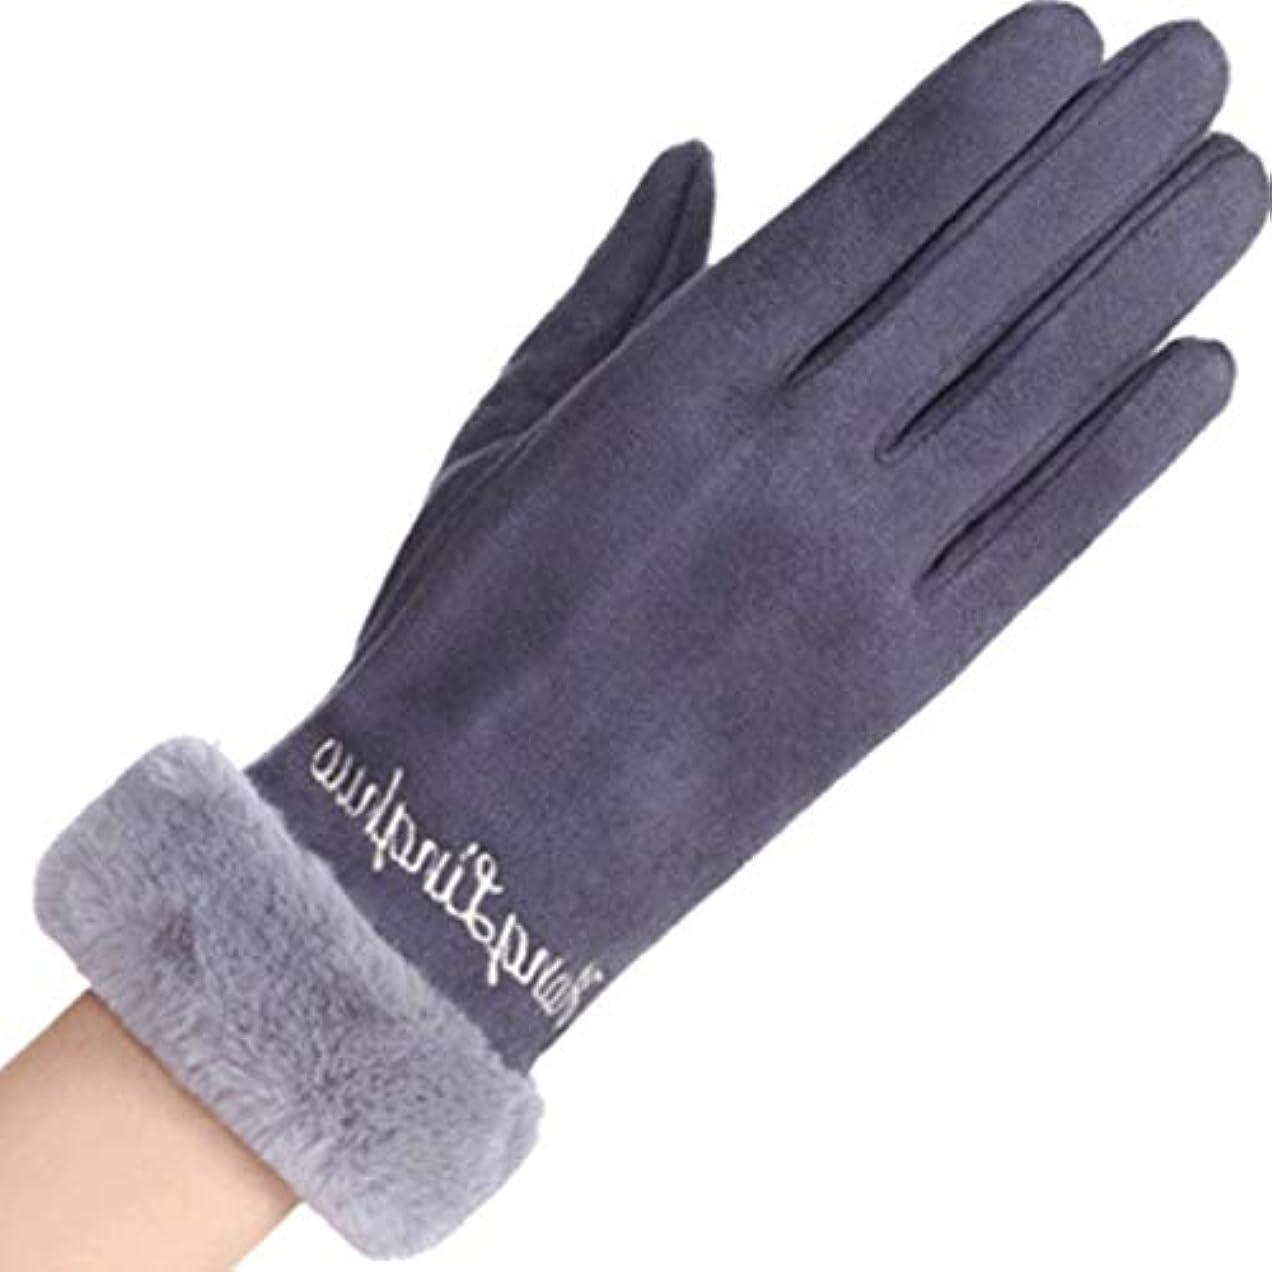 ピンク自我同意する手袋の女性の暖かいタッチスクリーンの携帯電話春と秋の冬の防風レターレディースウール手袋黒灰色の粉 (色 : Gray)